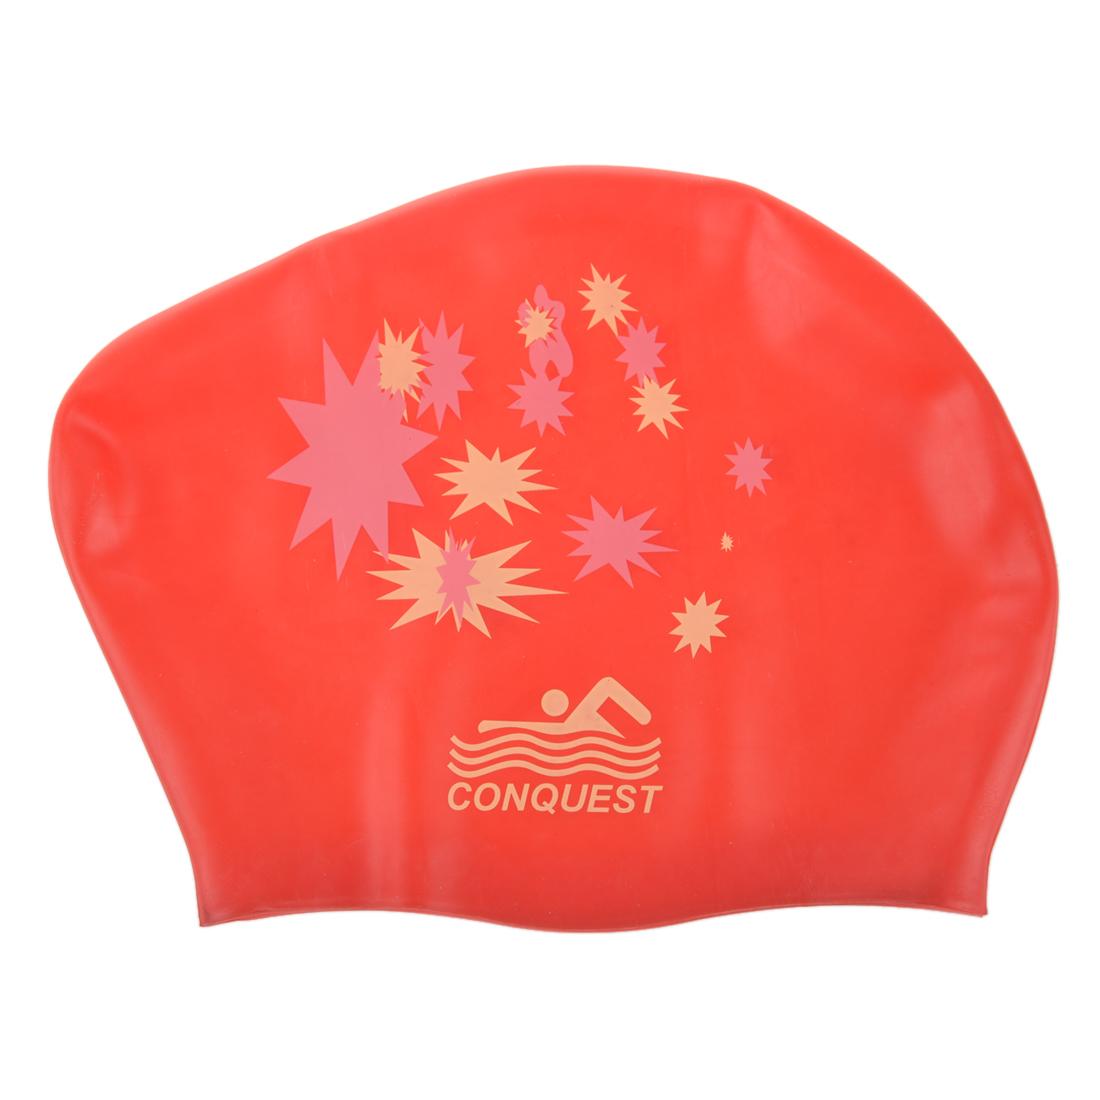 [해외]스타 디자인 레드 수영 모자 수영 모자 샤워 캡 수영 방수 실리콘 수영 모자/Waterproof silicone swimming cap swimming cap swimming cap shower cap Star Design Red